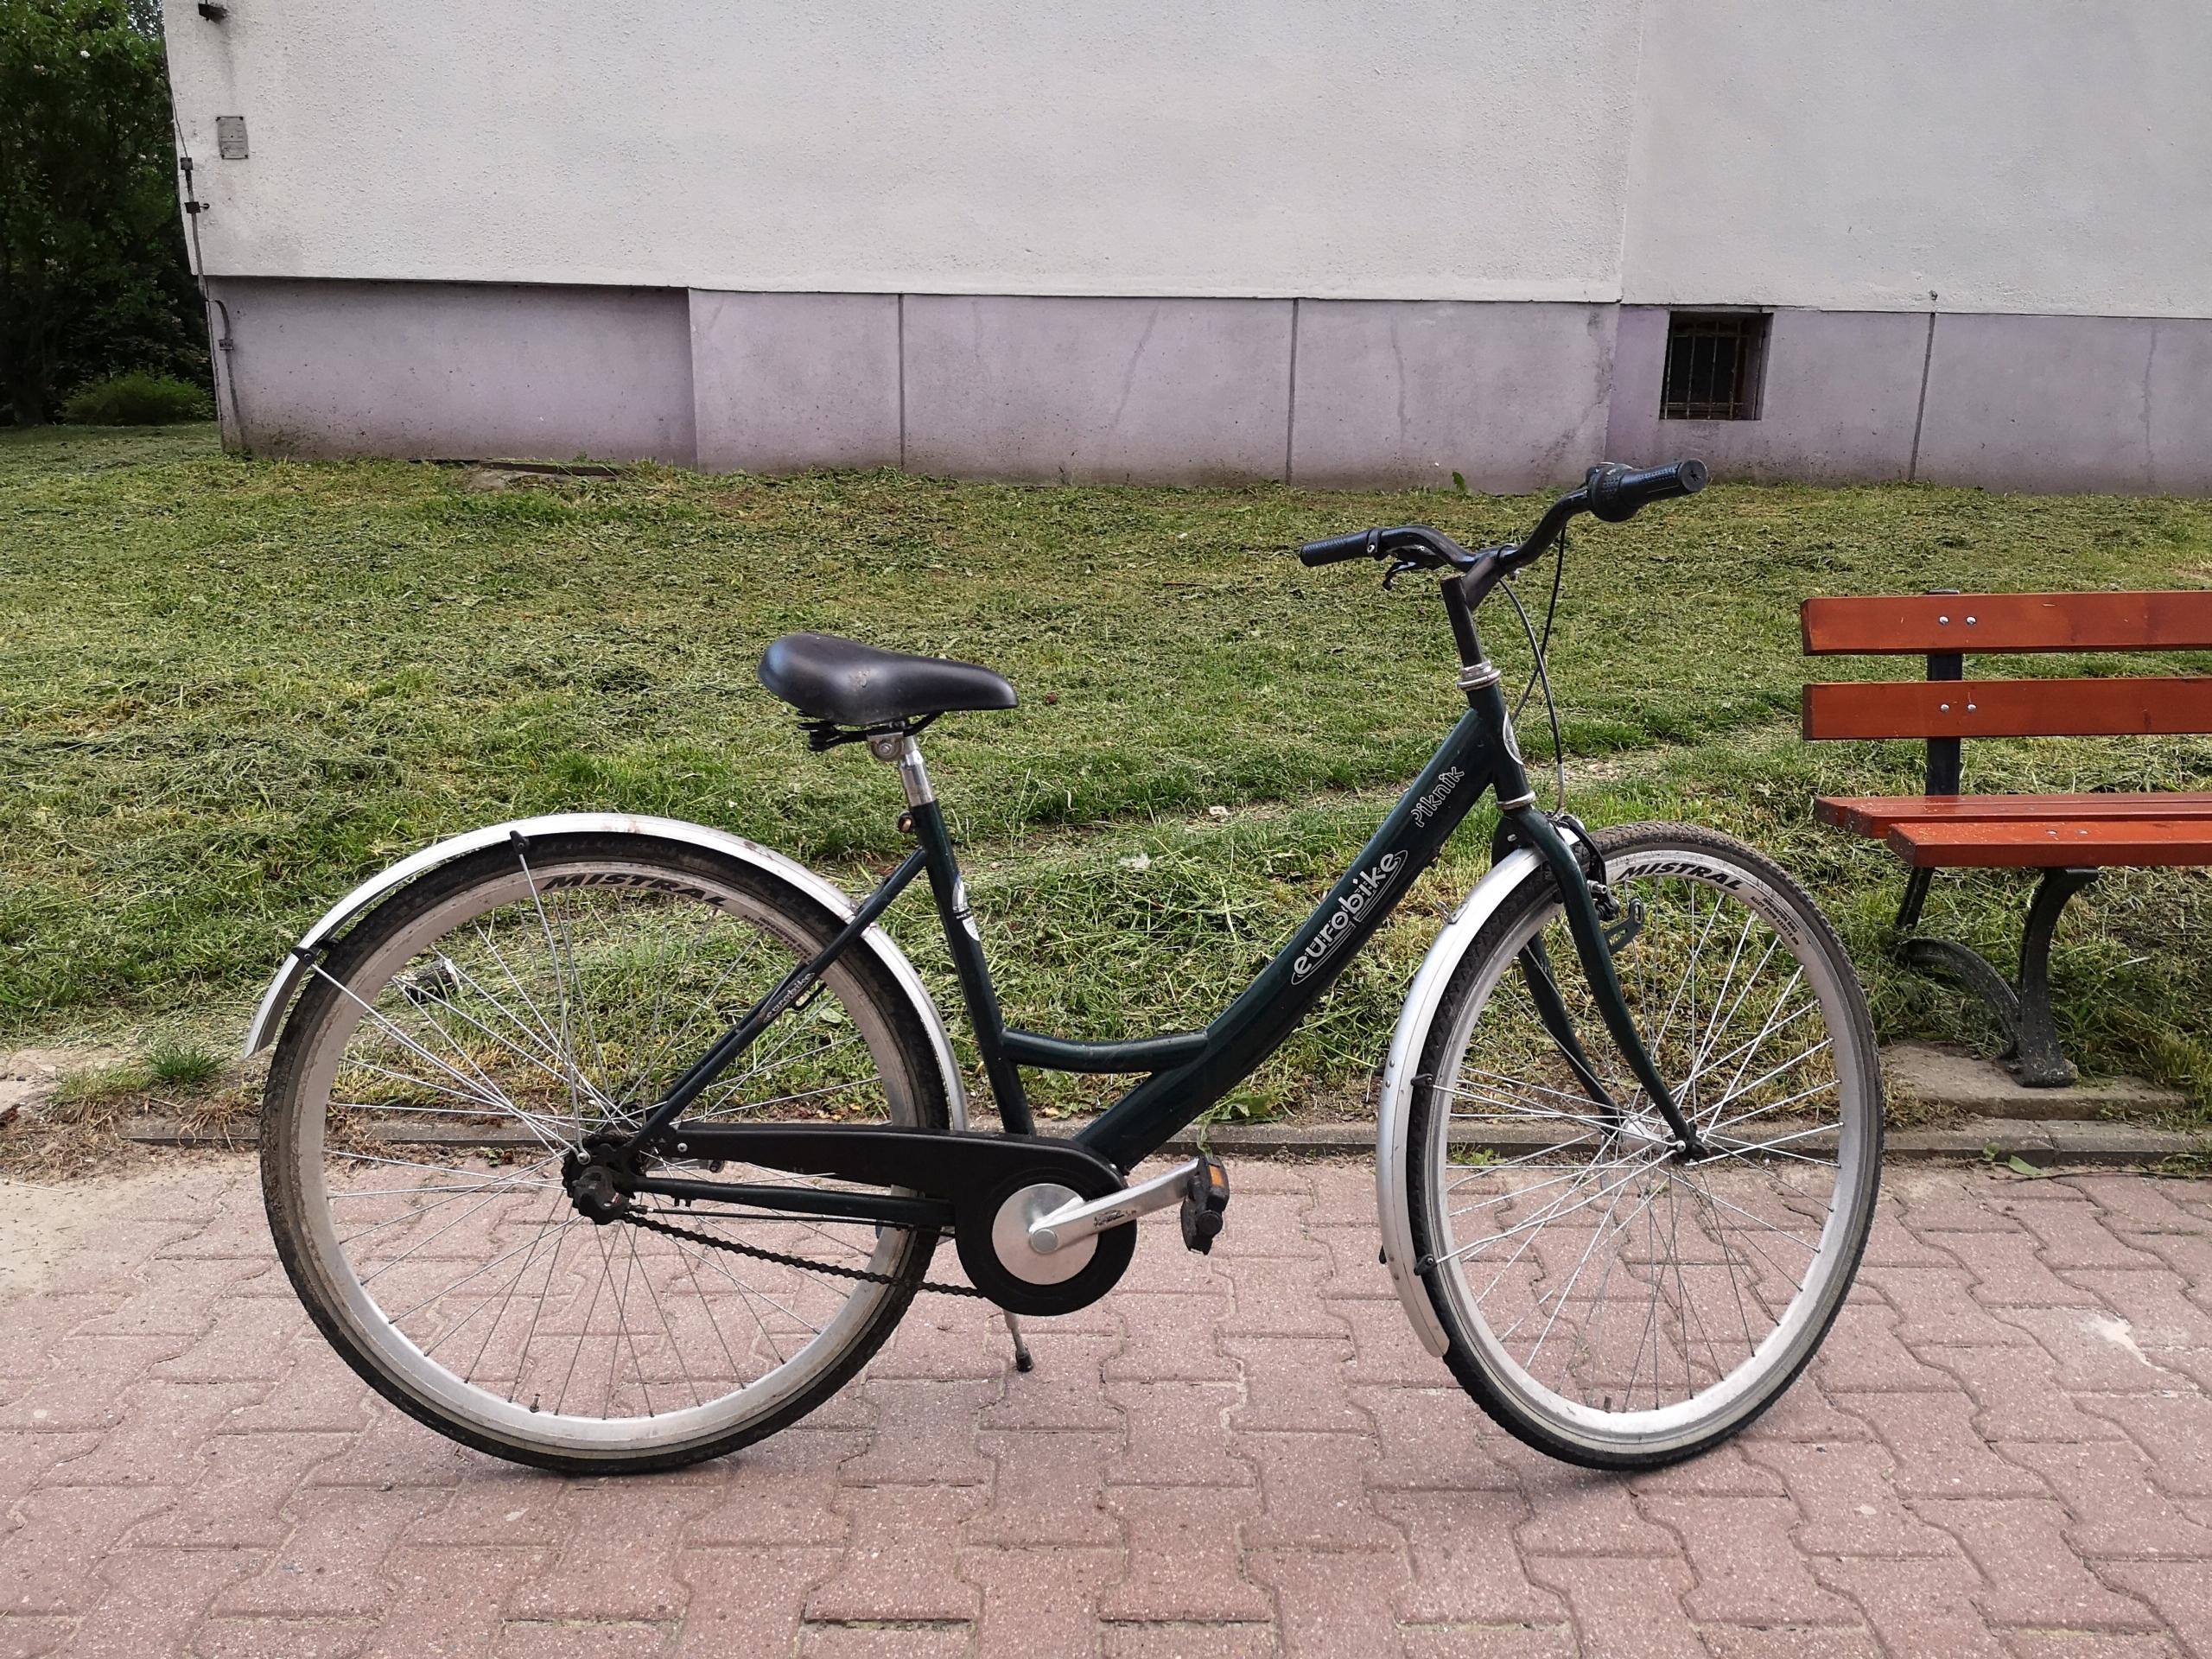 Rower damka Eurobike damski, Nexus, odbiór Kraków